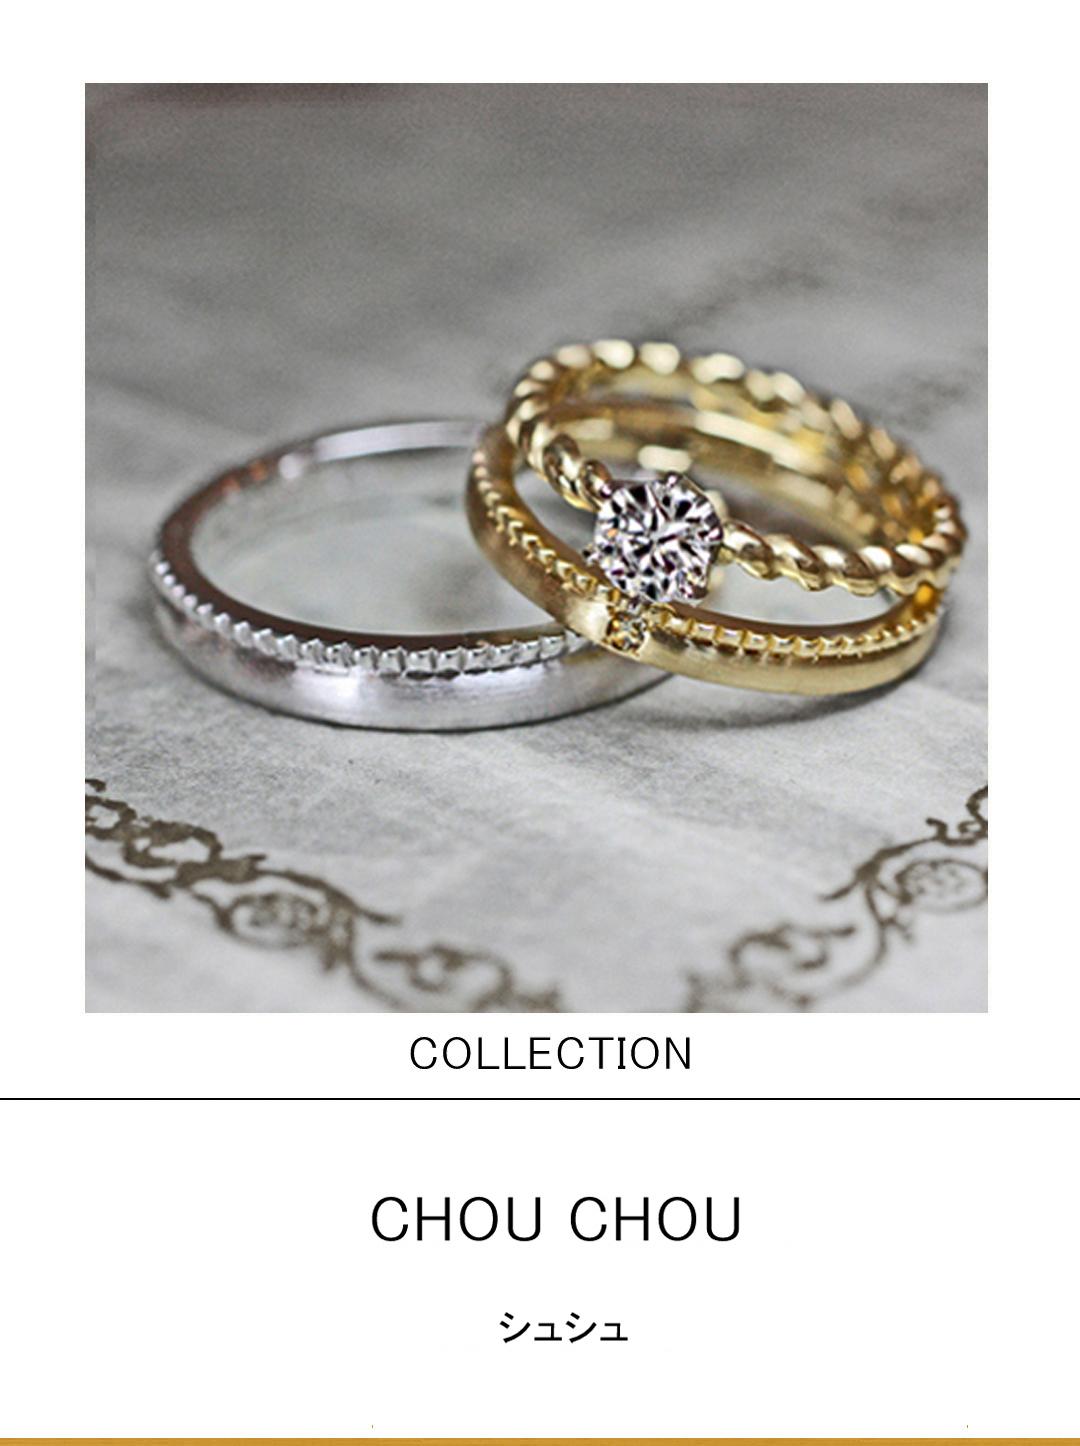 アンティークゴールド色の結婚指輪と婚約指輪のセットリングのサムネイル